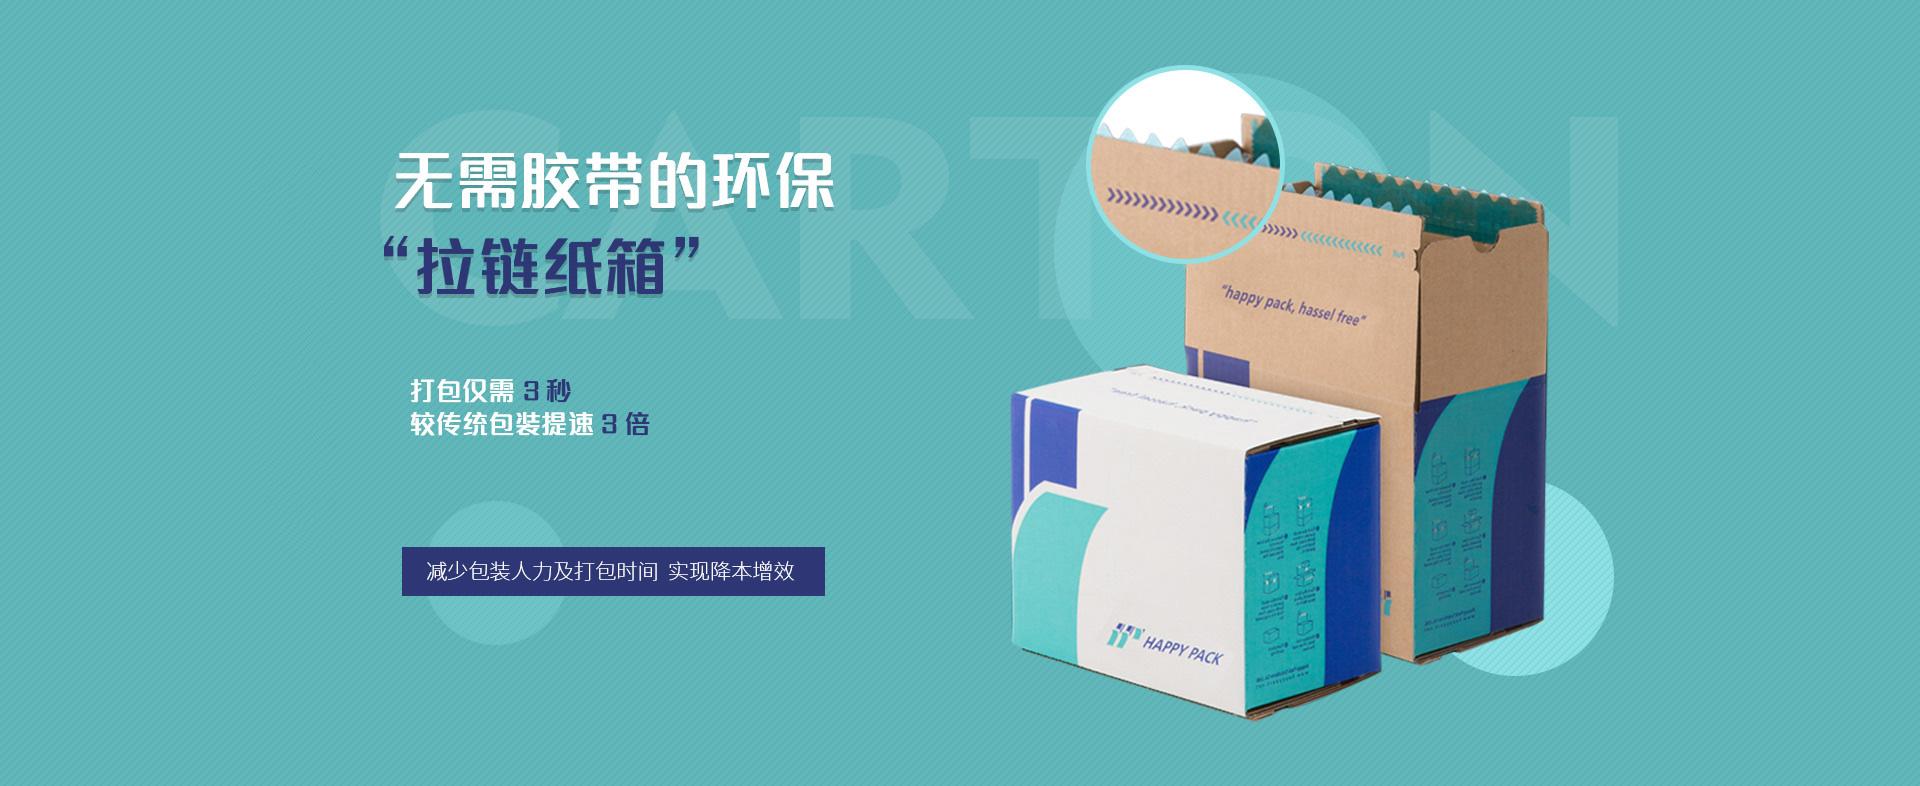 """快乐包 · 无需胶带的环保""""拉链纸箱"""" 打包仅需 3 秒   较传统包裝提速 3 倍"""